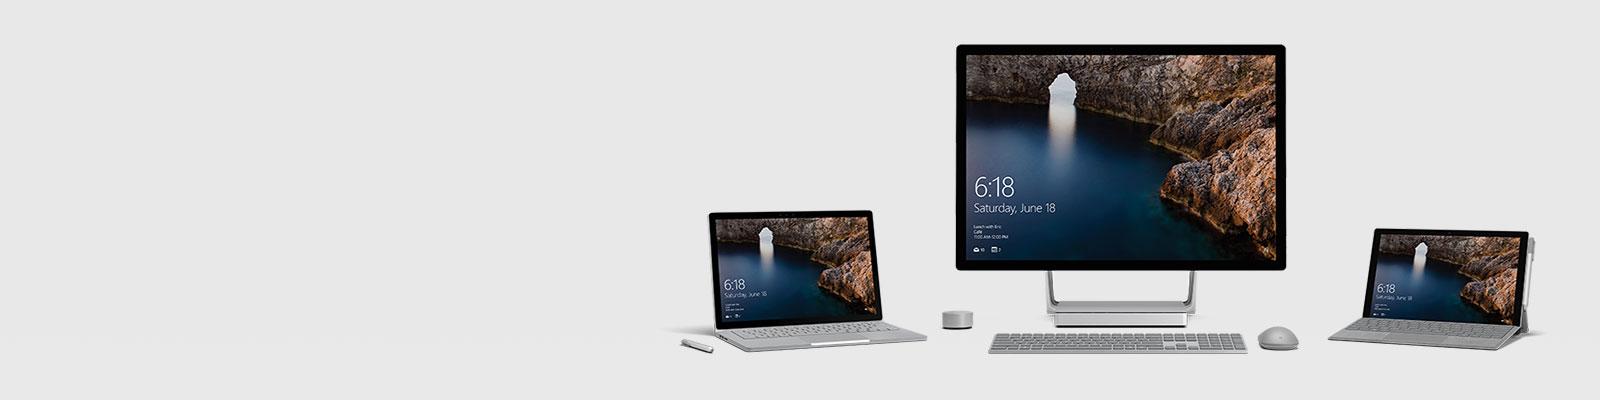 Es werden drei Surface-Geräte gezeigt: SurfaceBook, SurfaceStudio und SurfacePro 4.